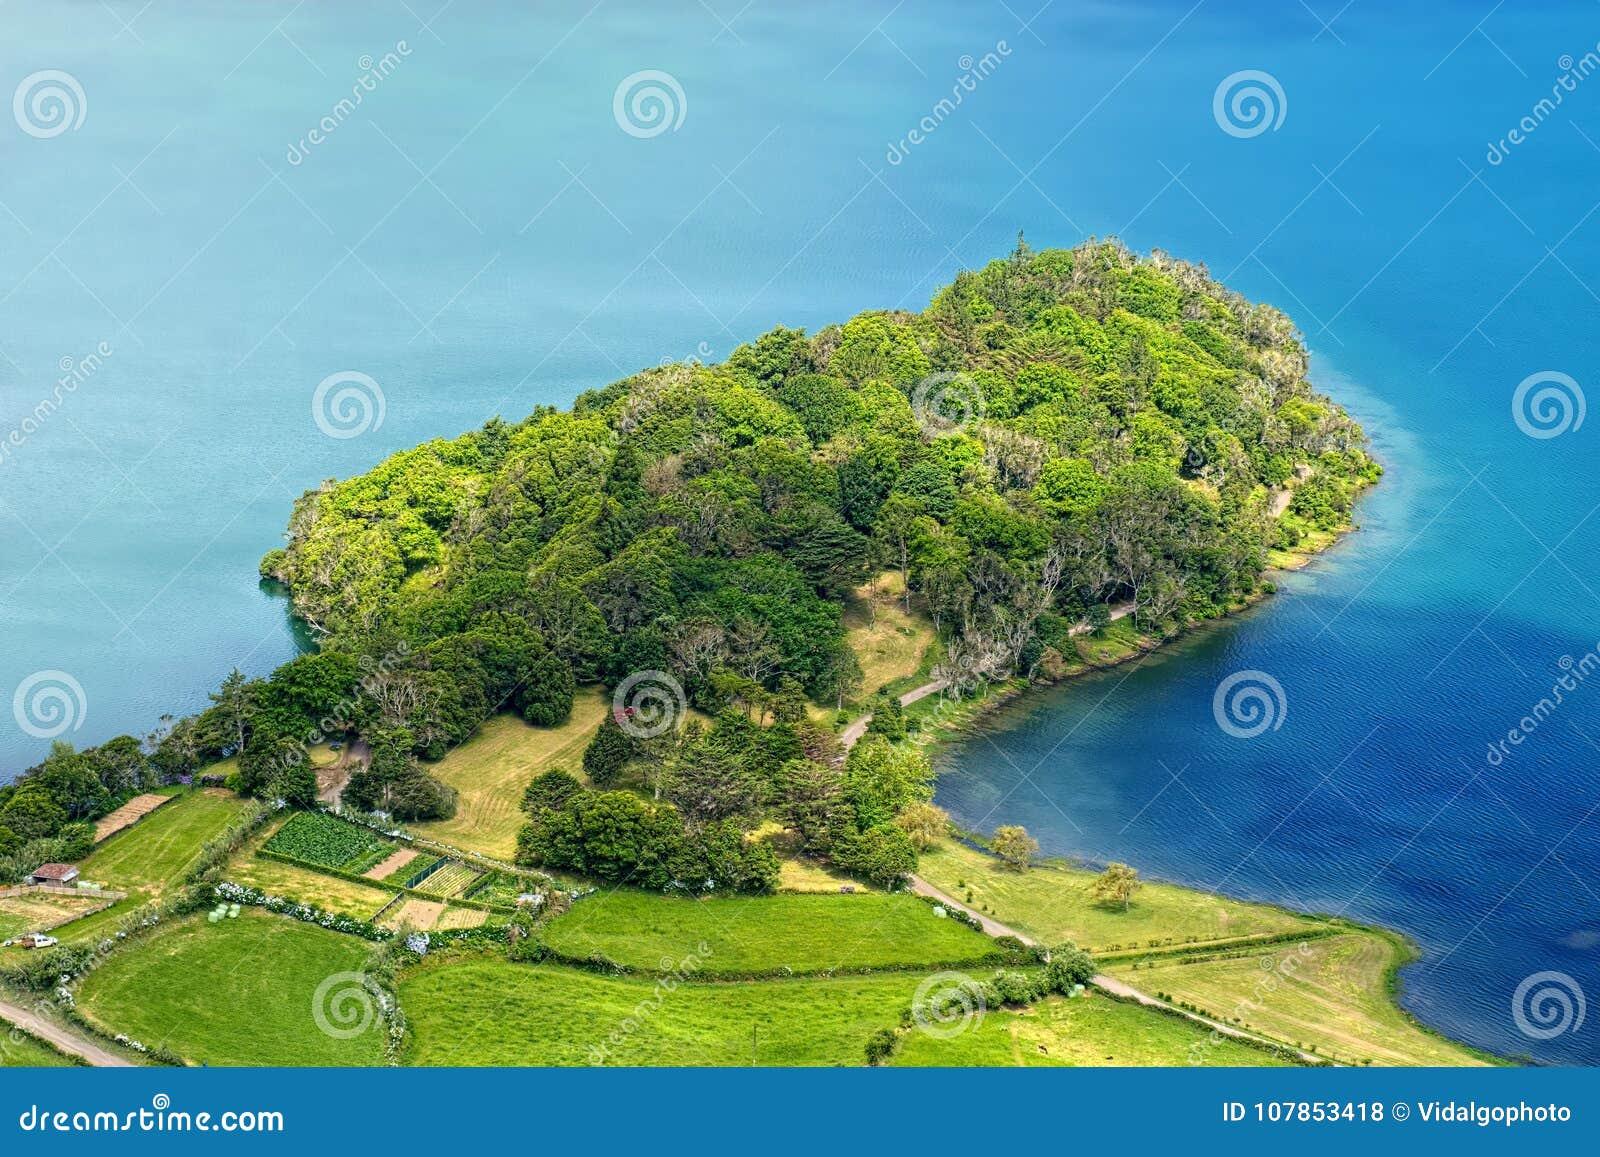 Peninsula of Lagoa Azul lake, Sao Miguel island, Azores, Portugal